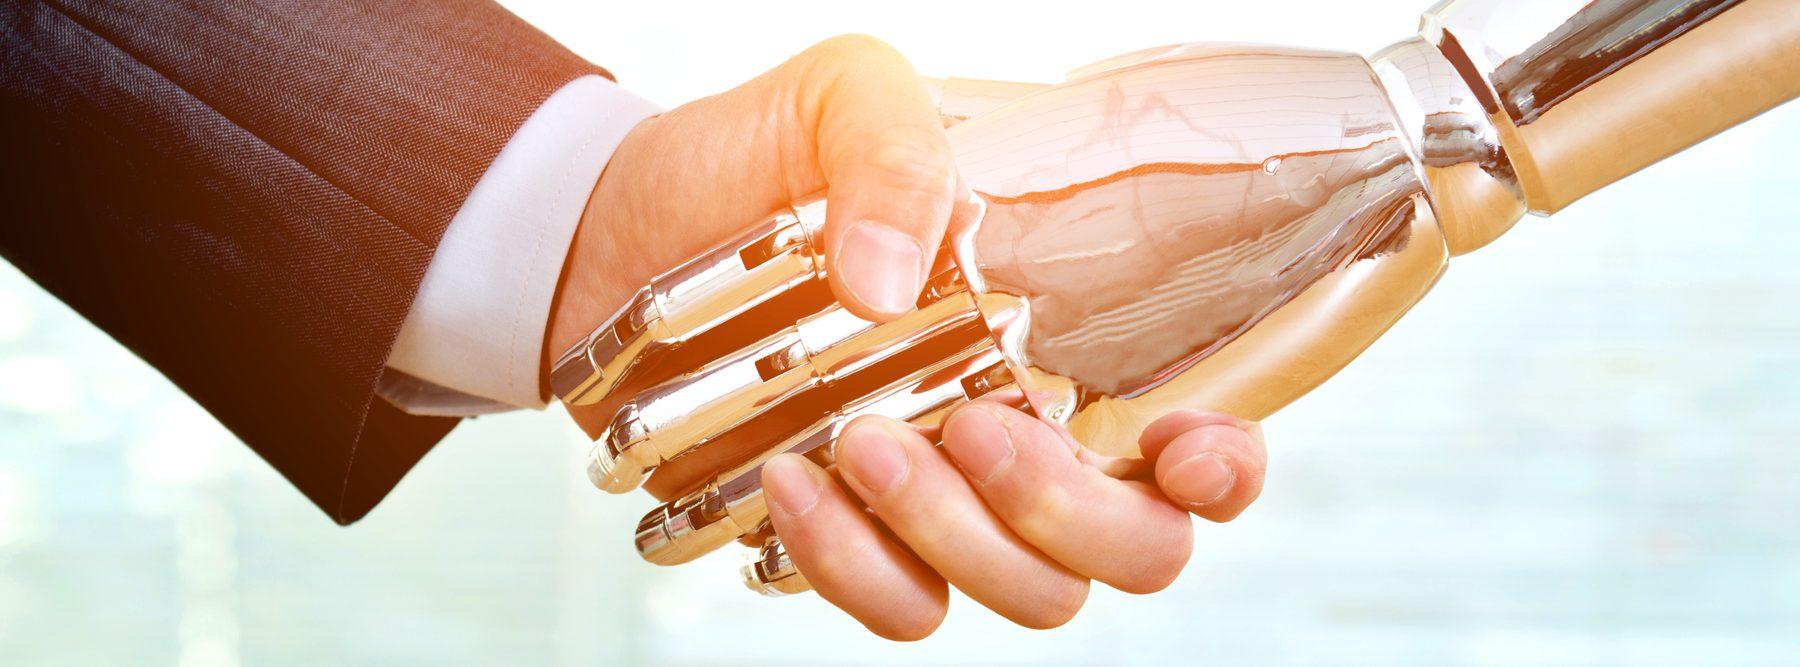 El impacto de la robotización y la IA en la salud de los empleados